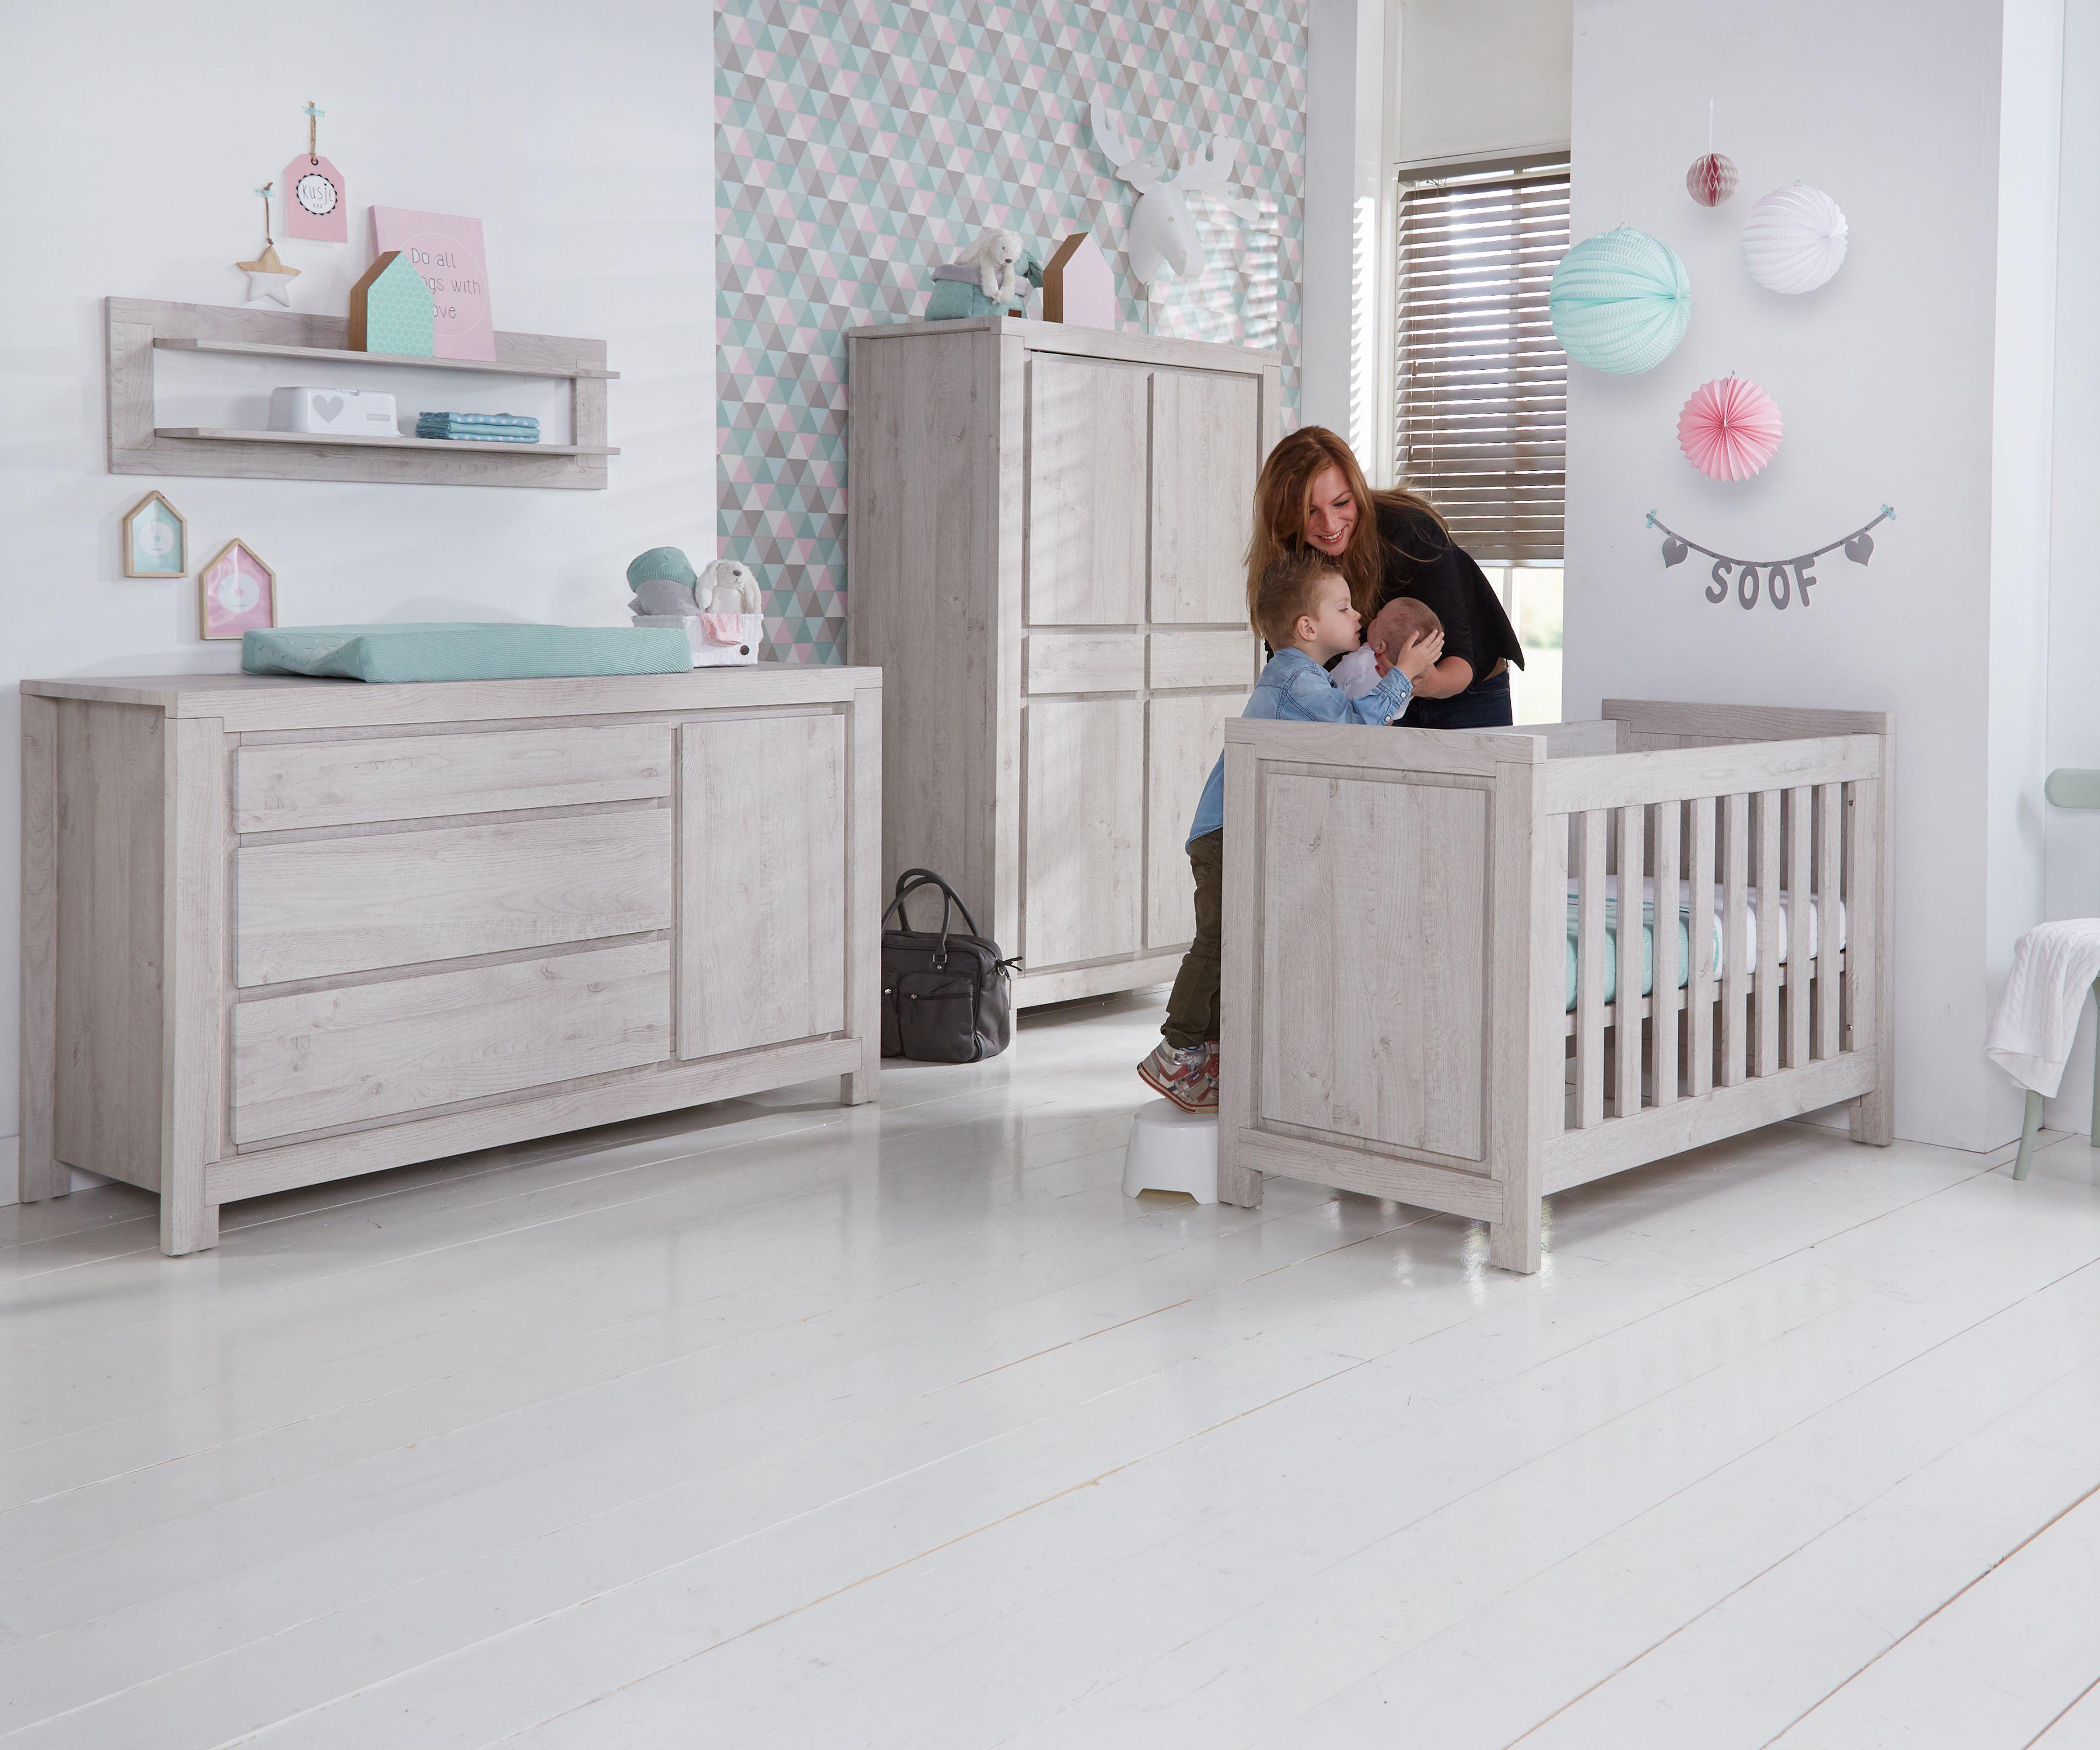 babykamer san diego van het merk interbaby | babykamers (ons, Deco ideeën